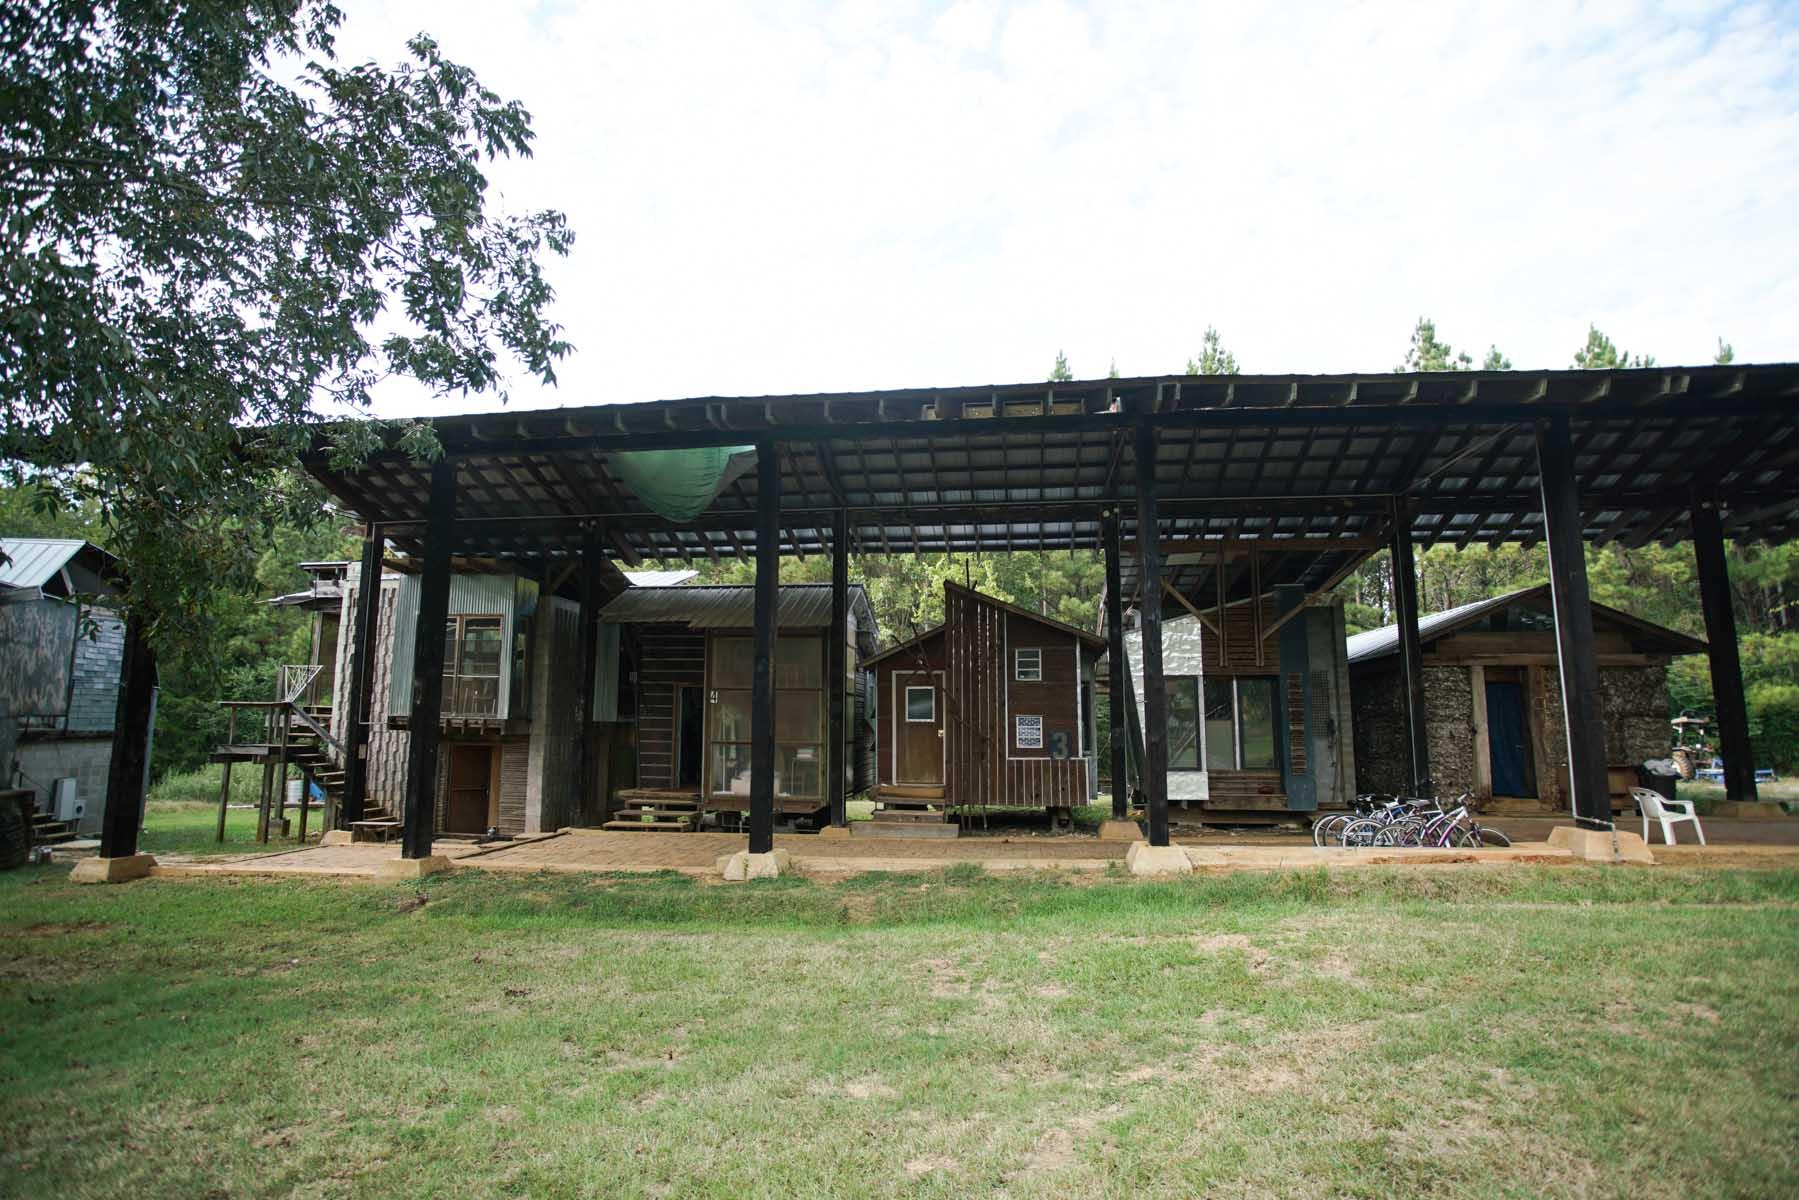 RA_rural studio_morrisette house and grounds-07038.jpg